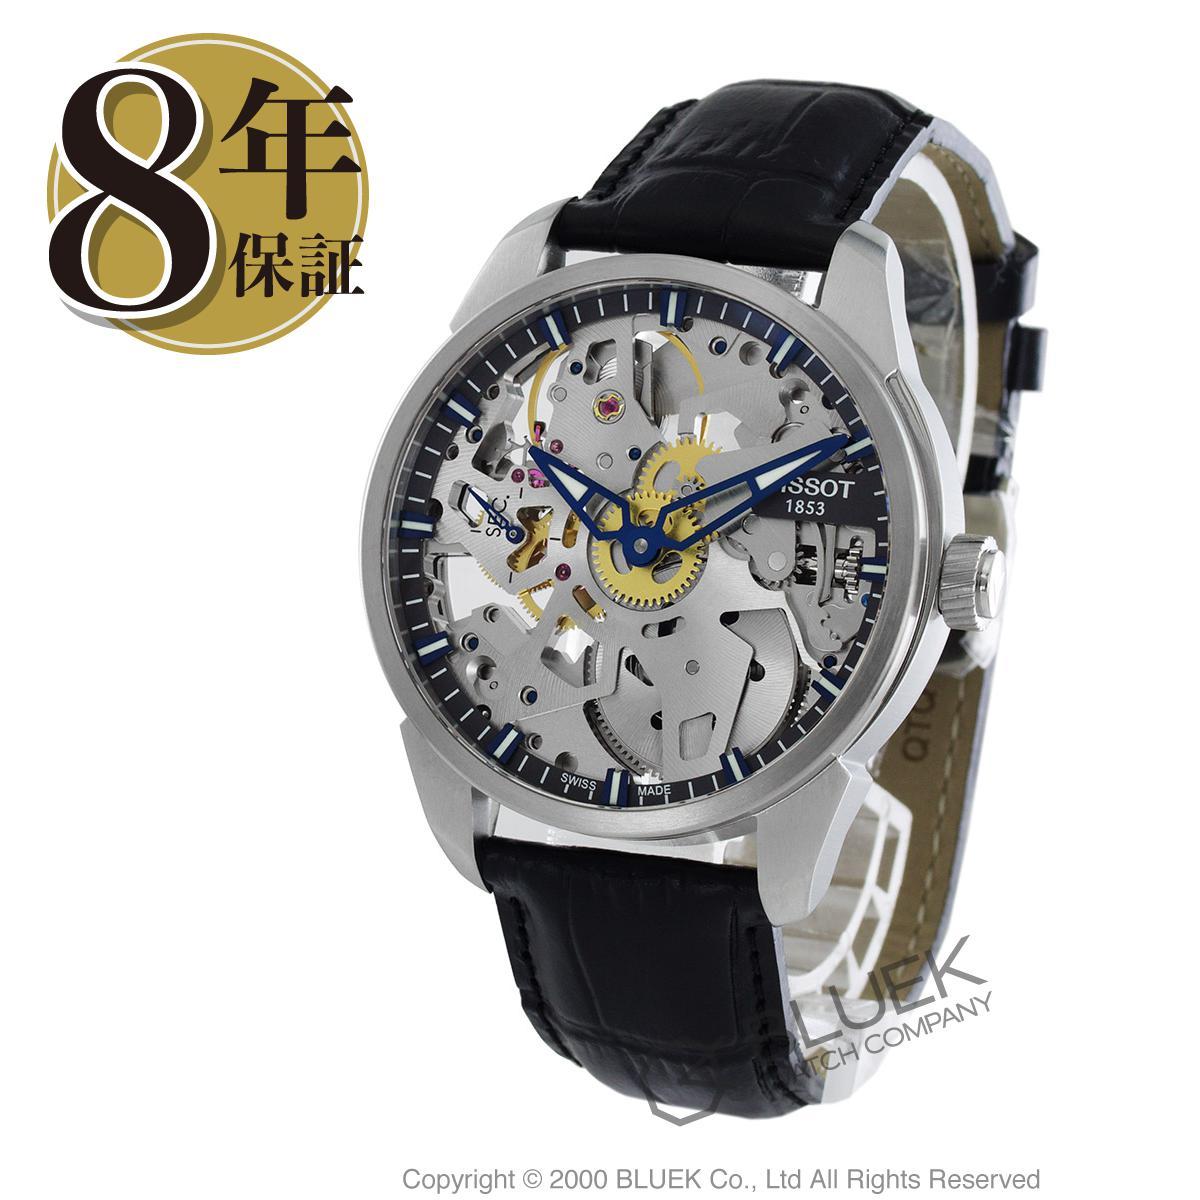 ティソ T-クラシック T-コンプリケーション スケレット 腕時計 メンズ TISSOT T070.405.16.411.00_8